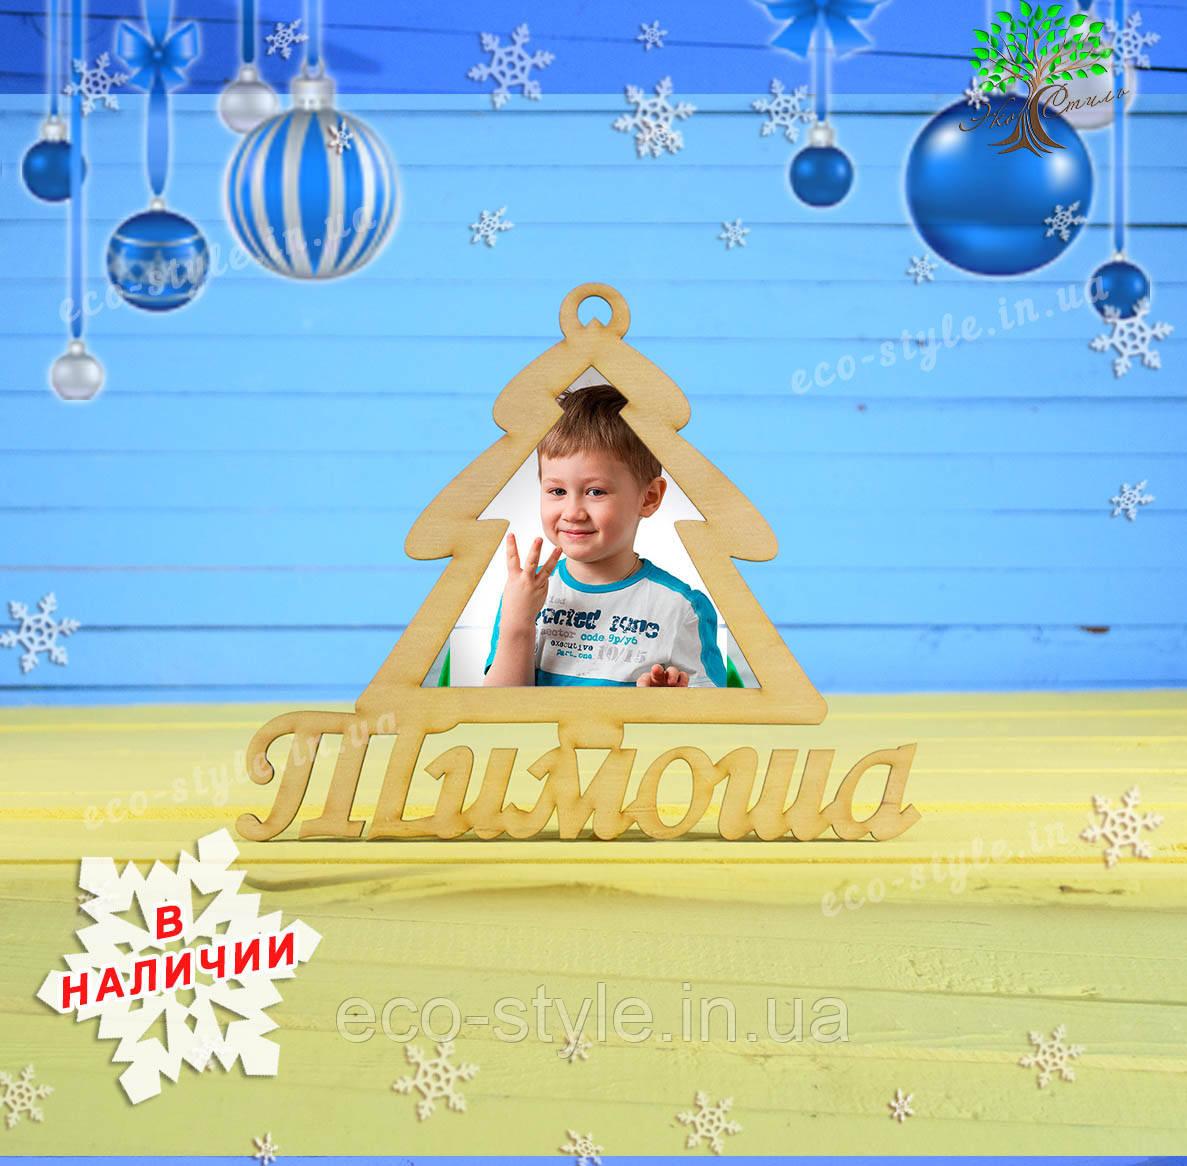 Фоторамка подарок на новый год, елочная игрушка, игрушка на елку - Эко Стиль в Кременчуге